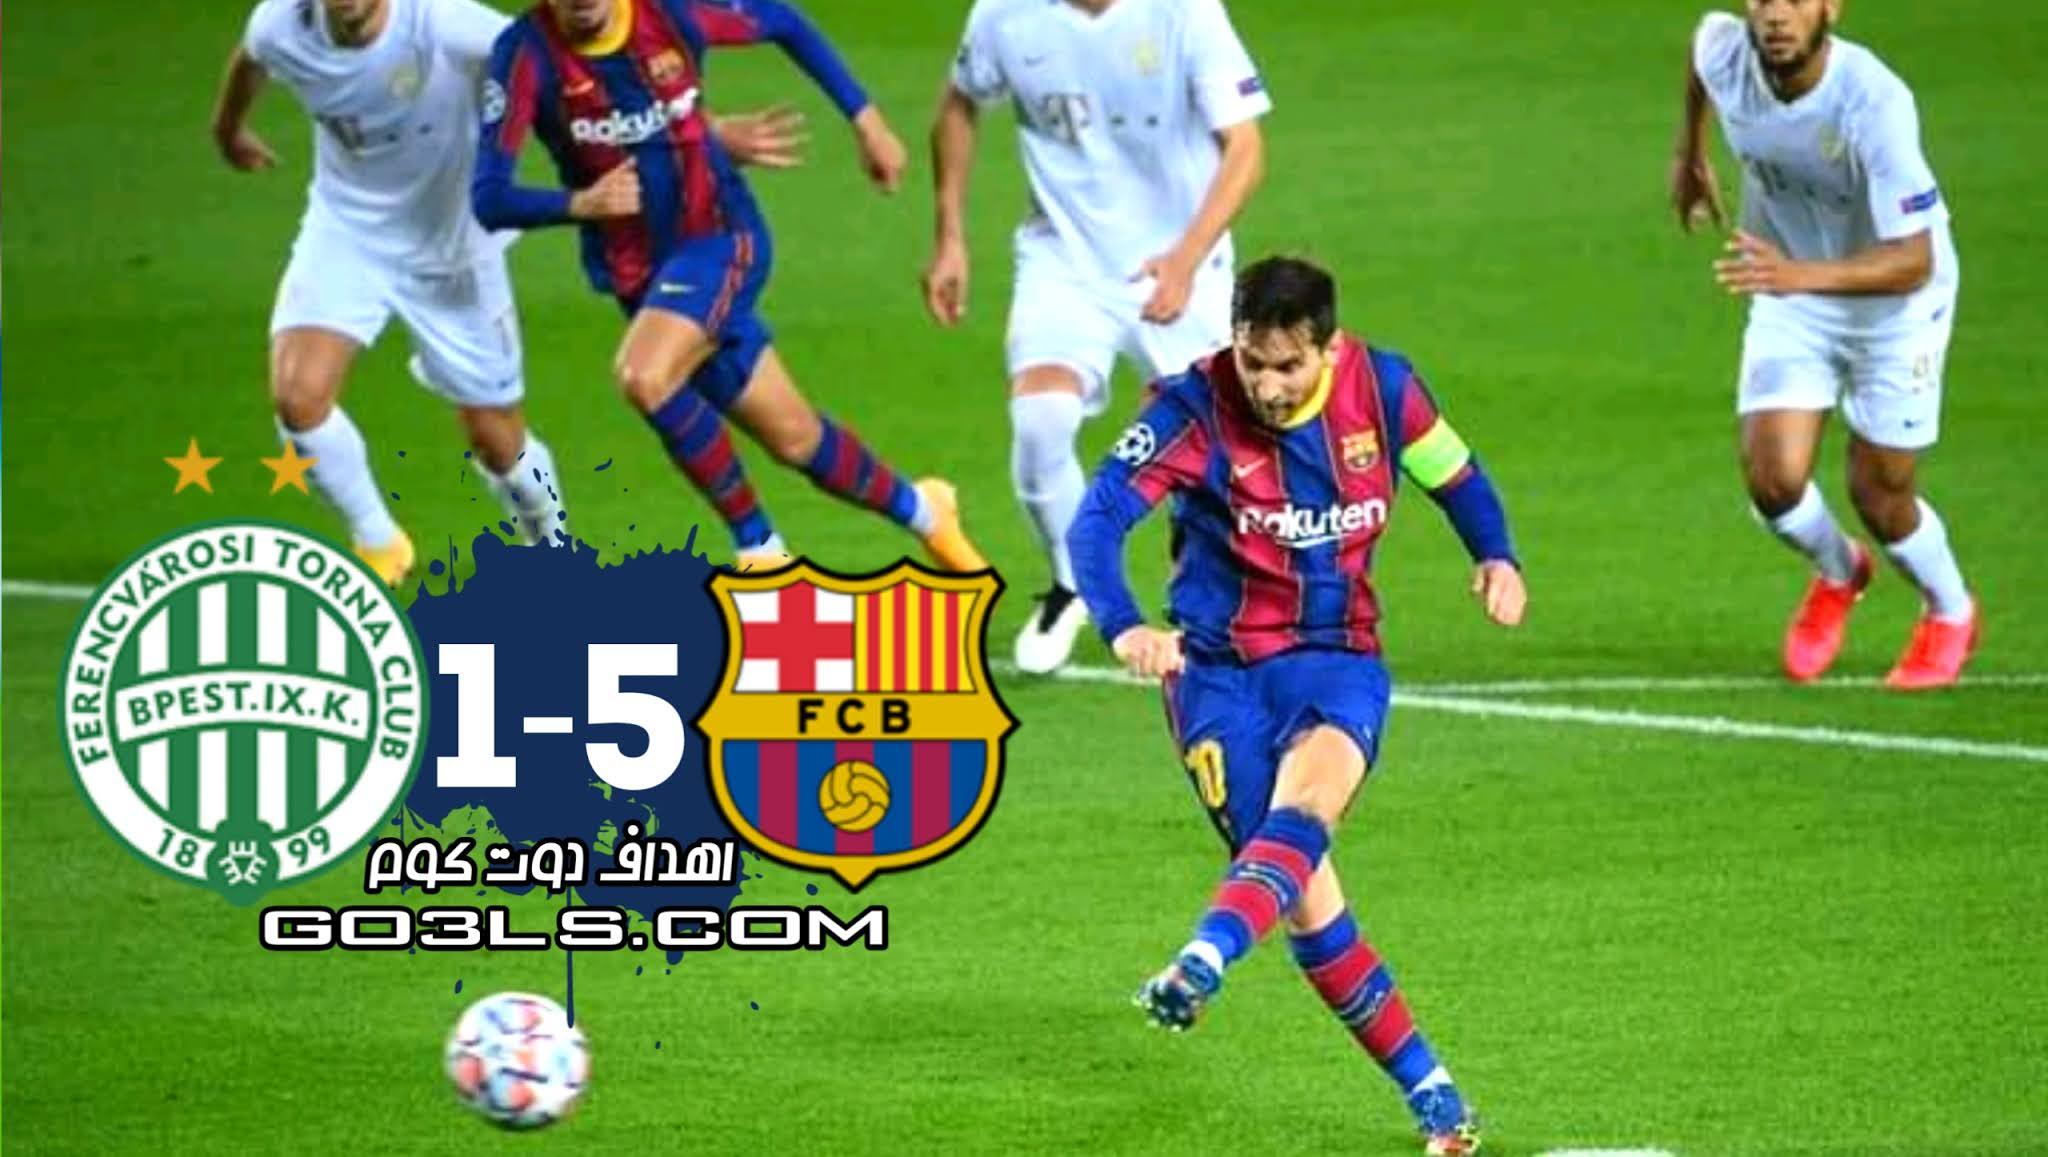 اهداف برشلونة وفرينكفاروزي